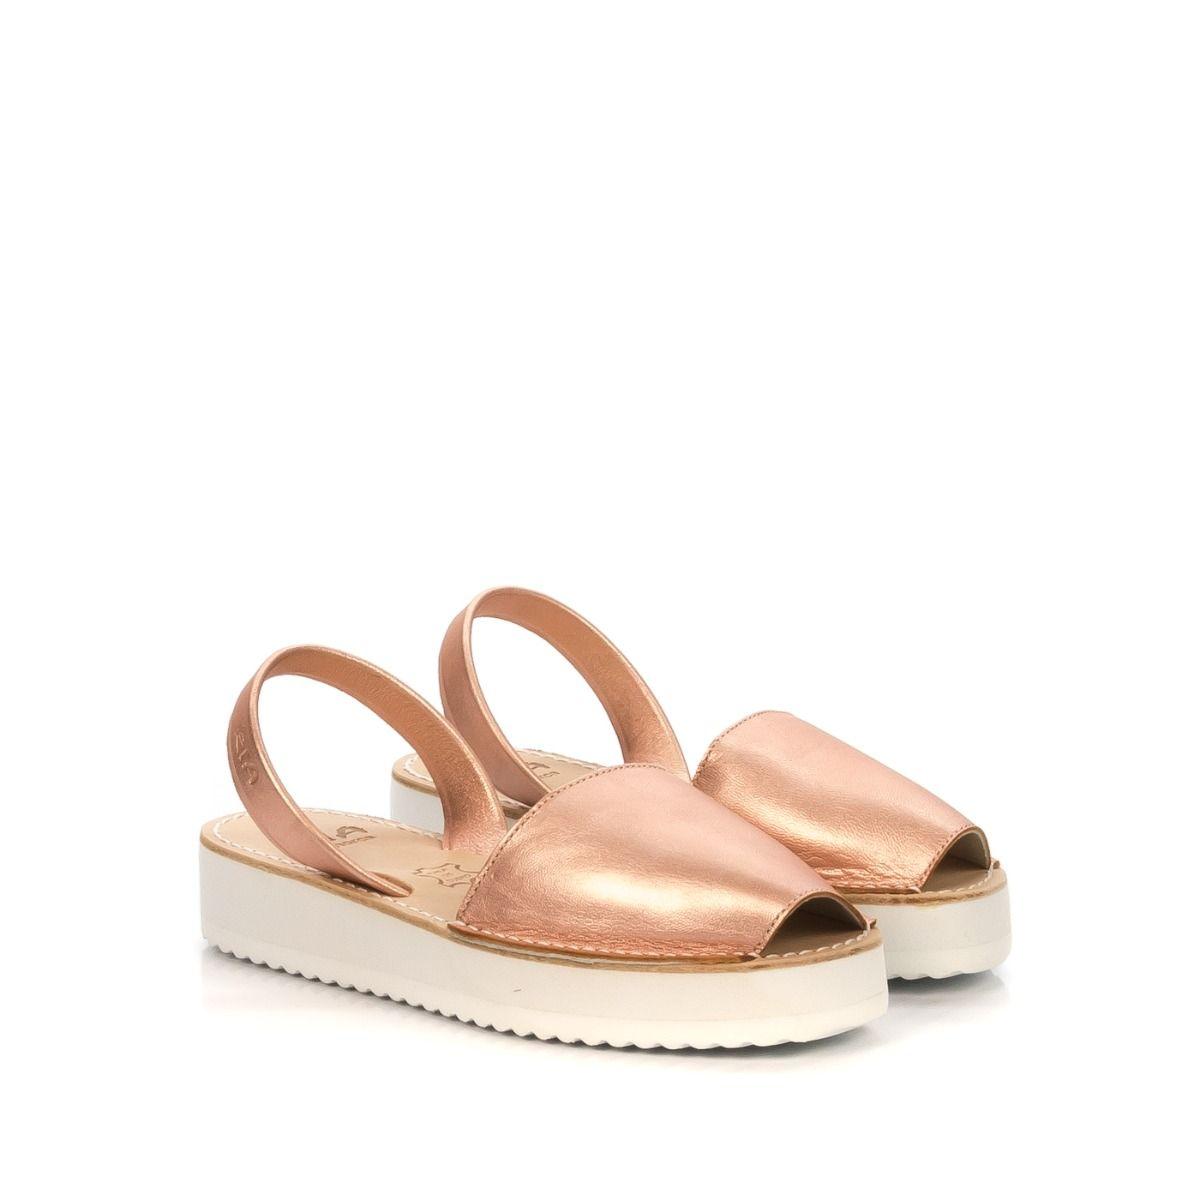 Sandalo donna RIA MENORCA 27300 con platform in pelle rosa laminato ... d9d3d43081e